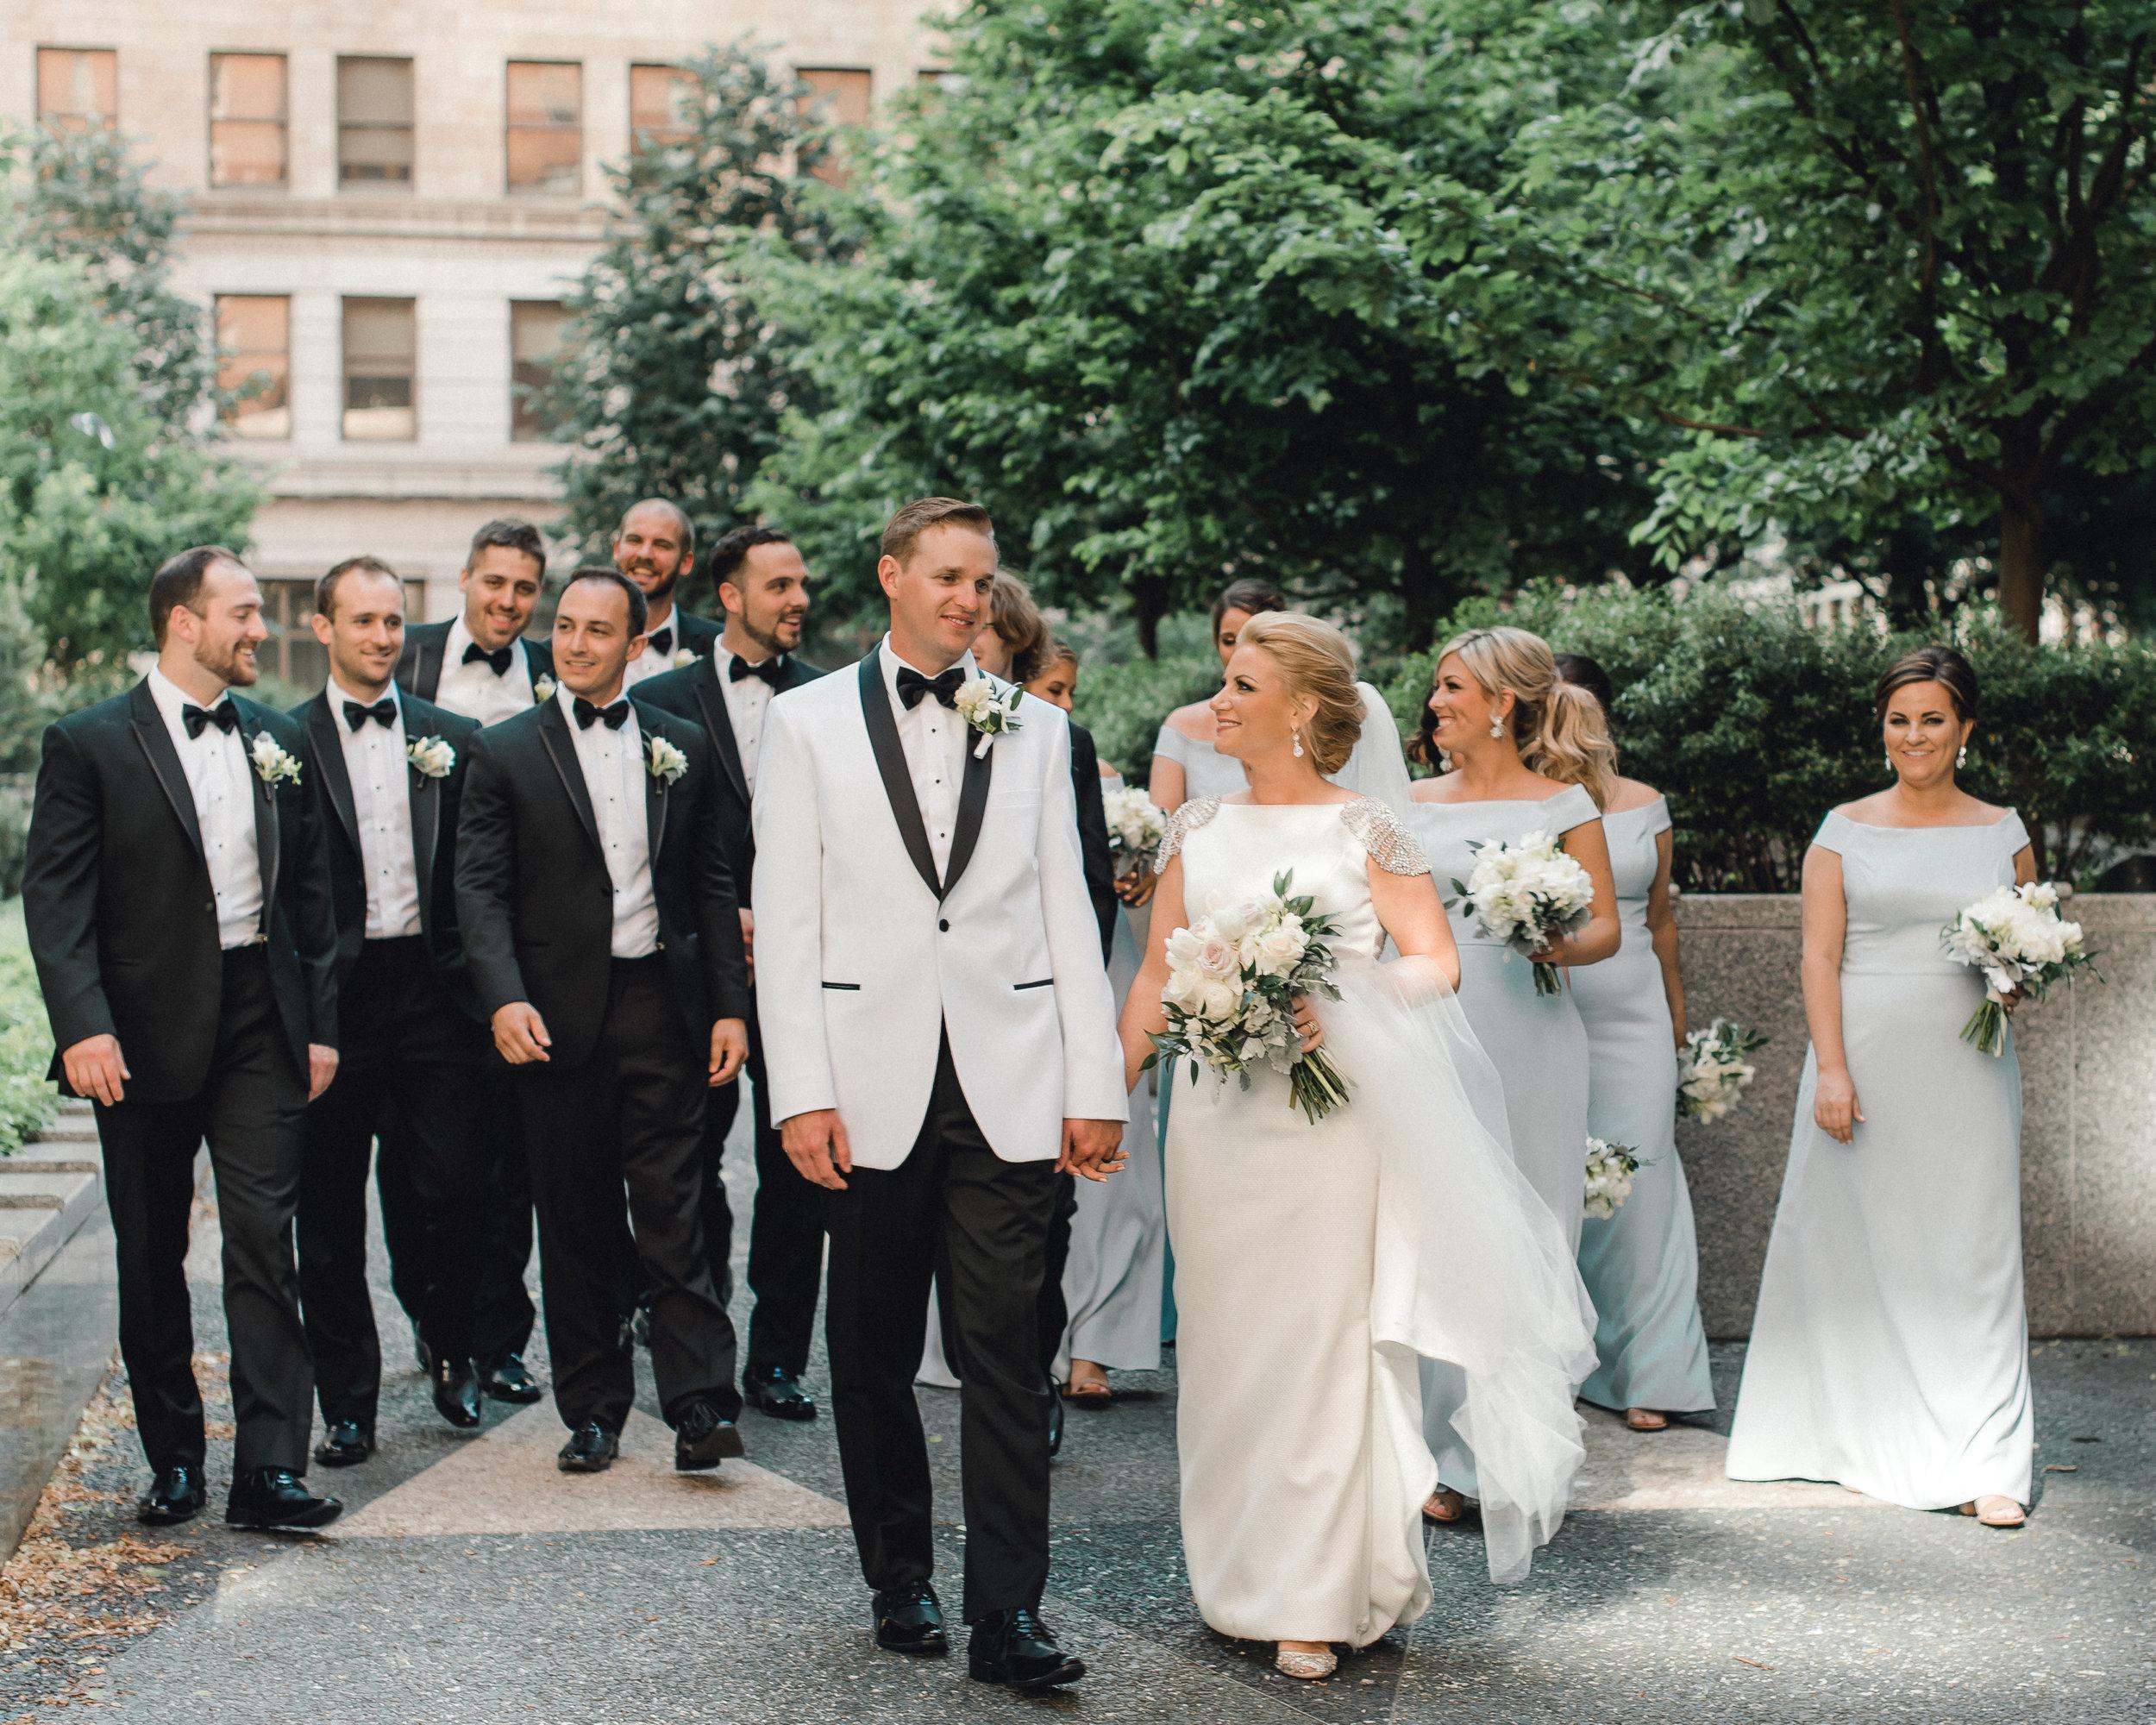 omni-william-penn-wedding-classic-chic-modern-photography-0024.jpg